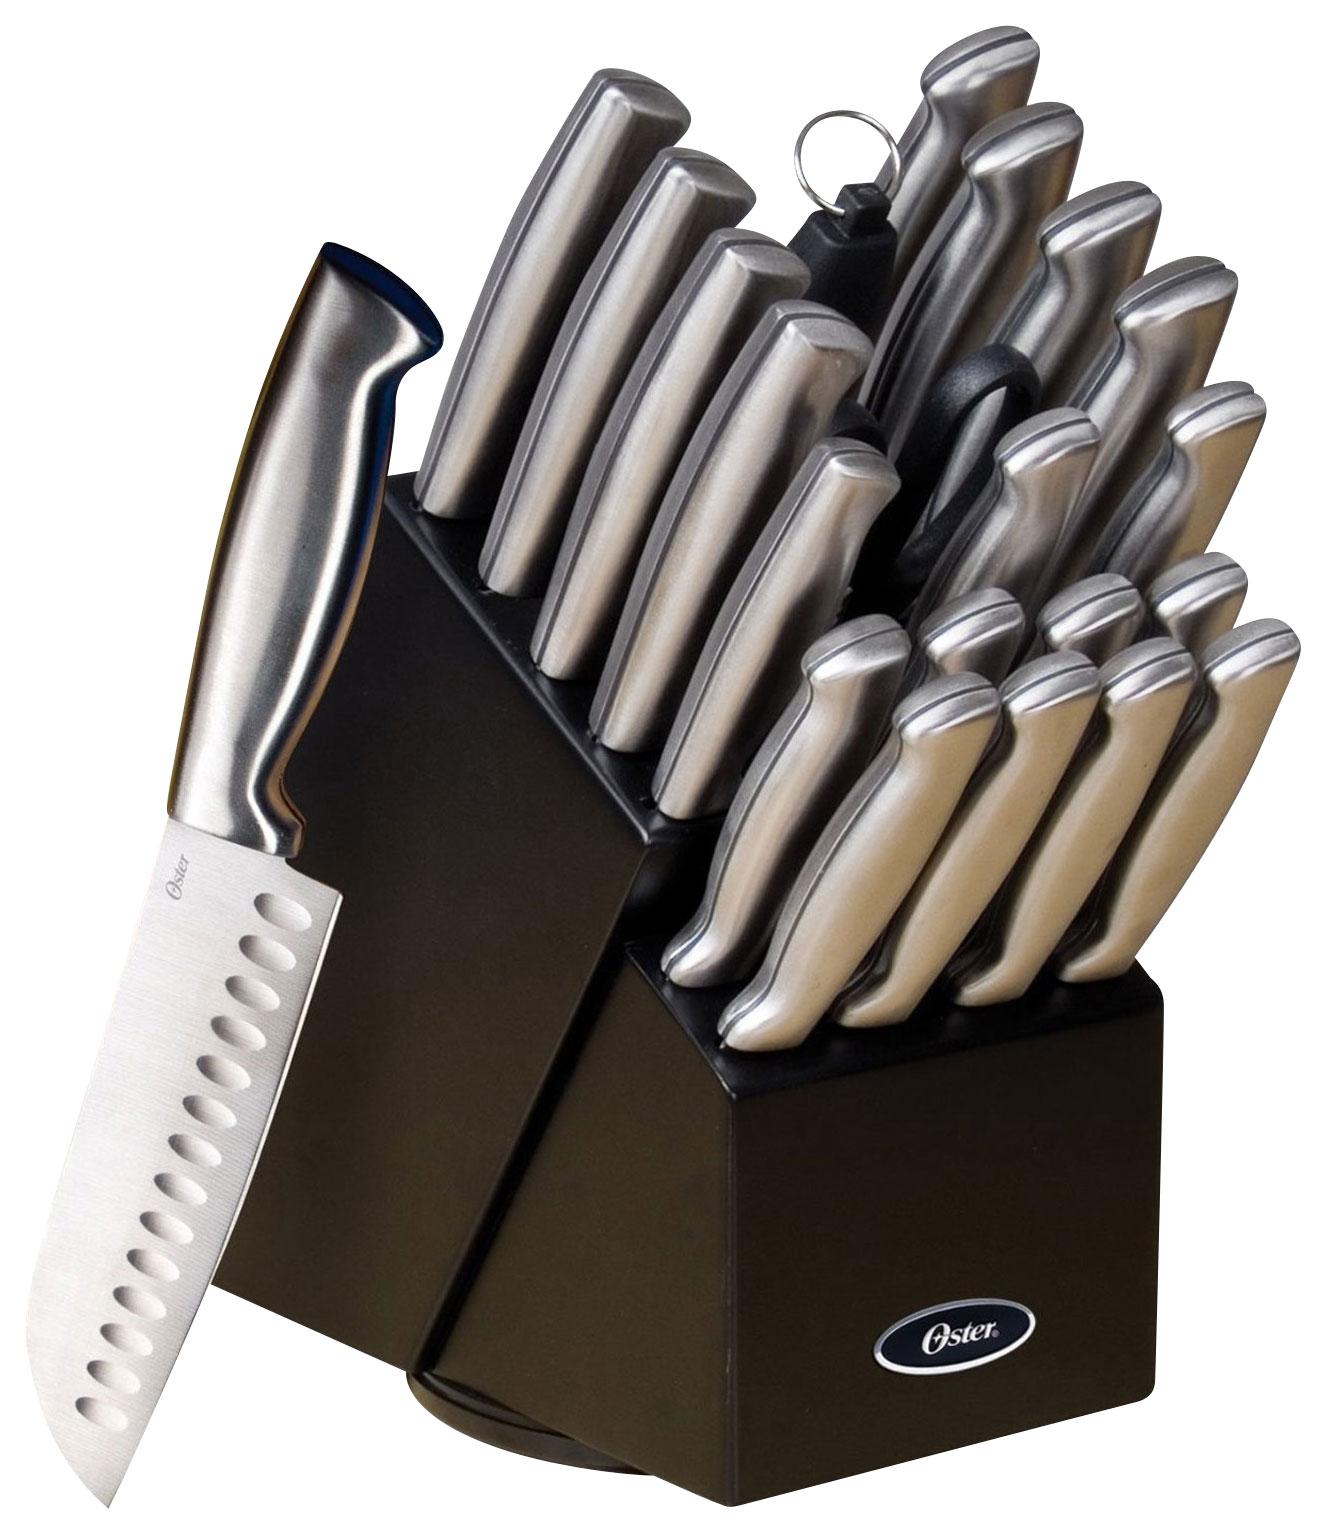 Oster - Baldwyn 22-Piece Knife Set - Stainless-Steel